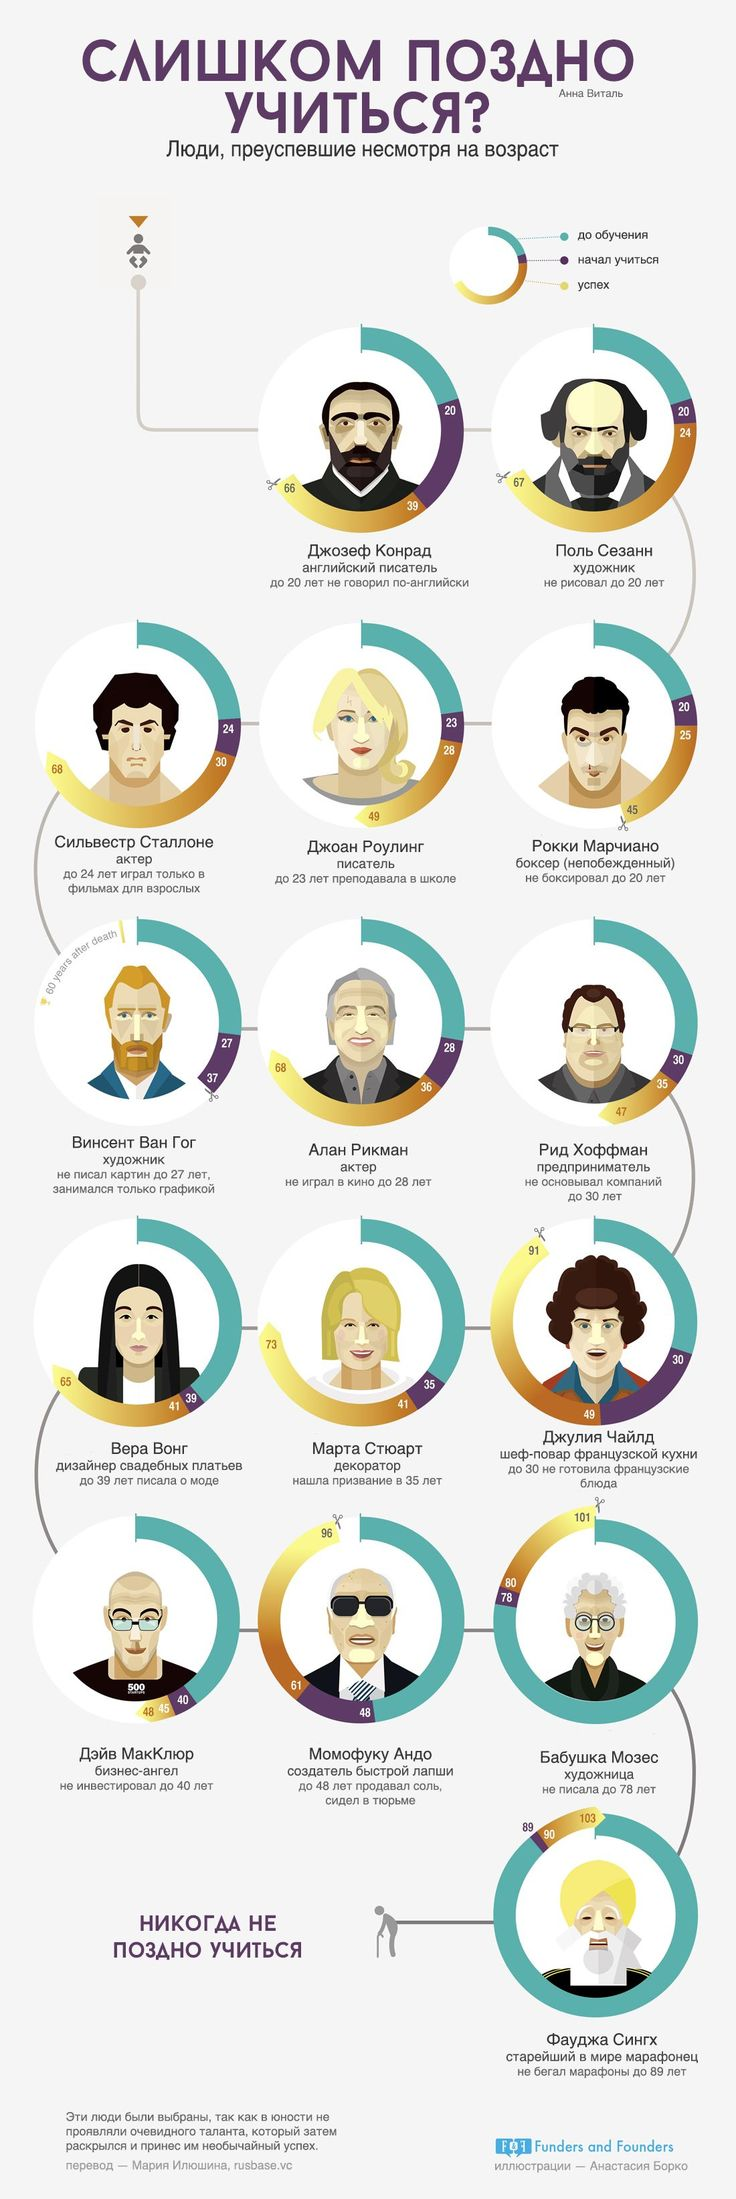 Люди преуспевшие несморя на возраст - инфографика